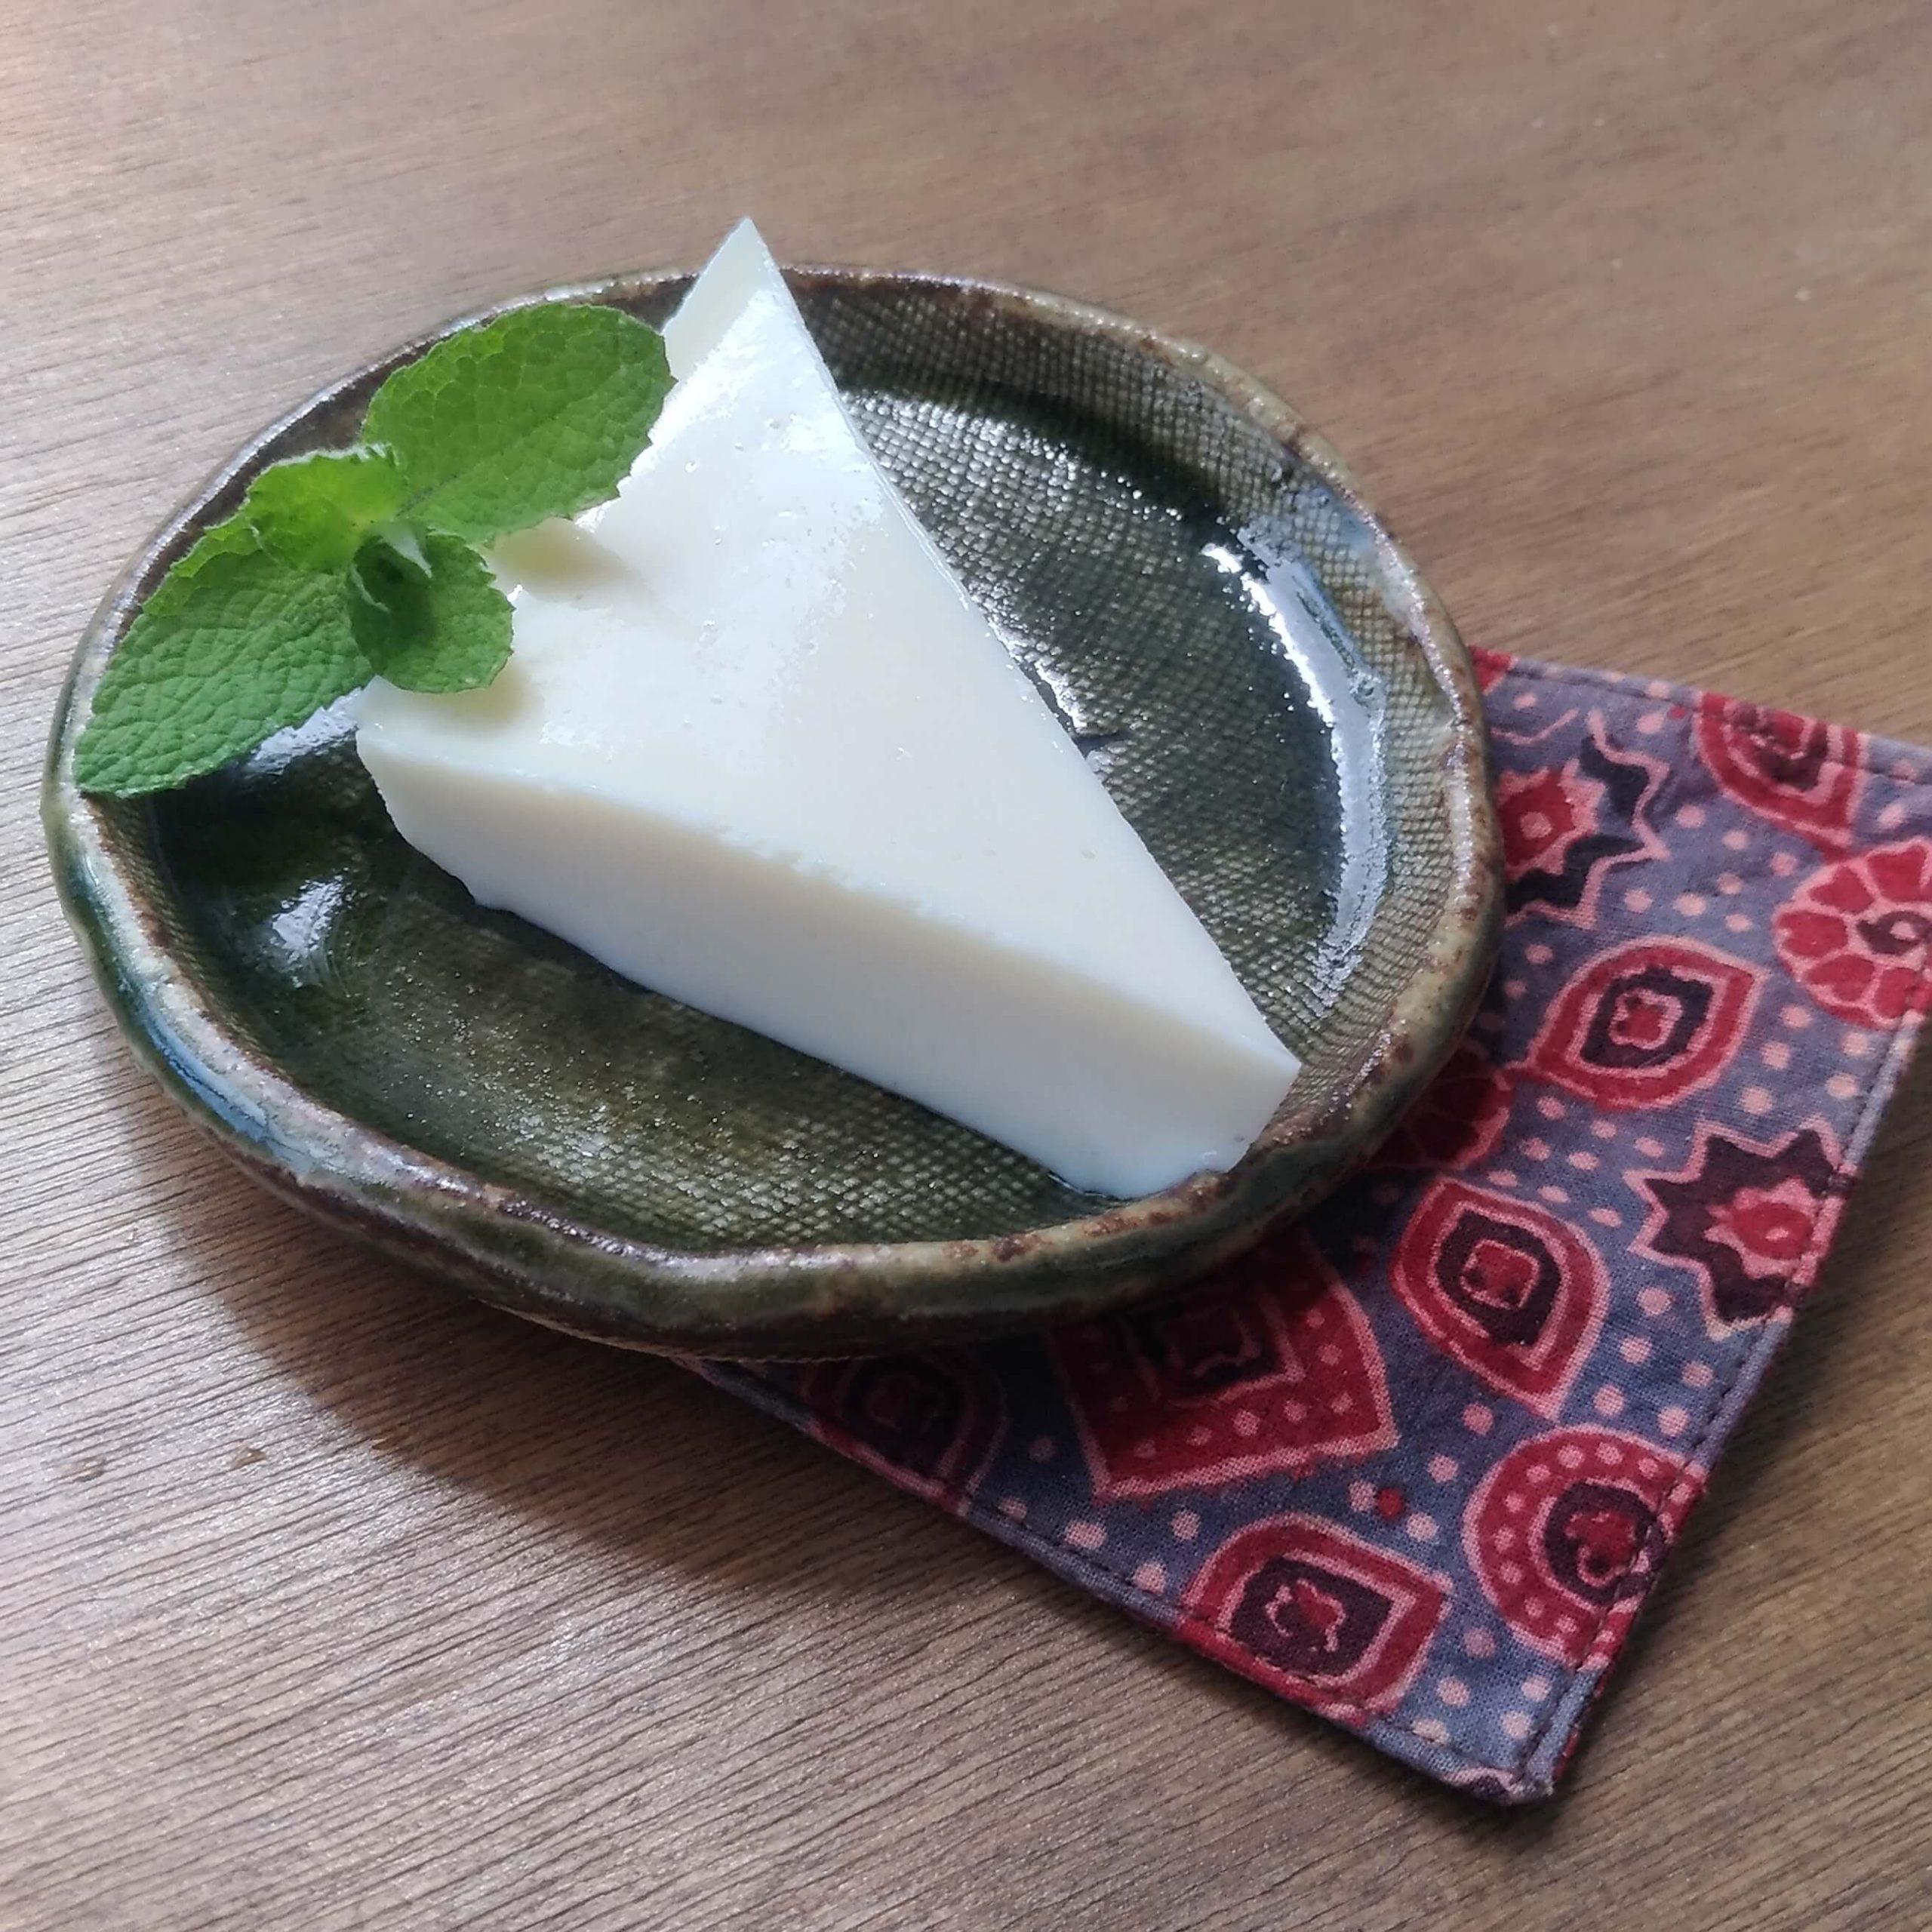 豆腐と発酵食品のレアチーズケーキ風